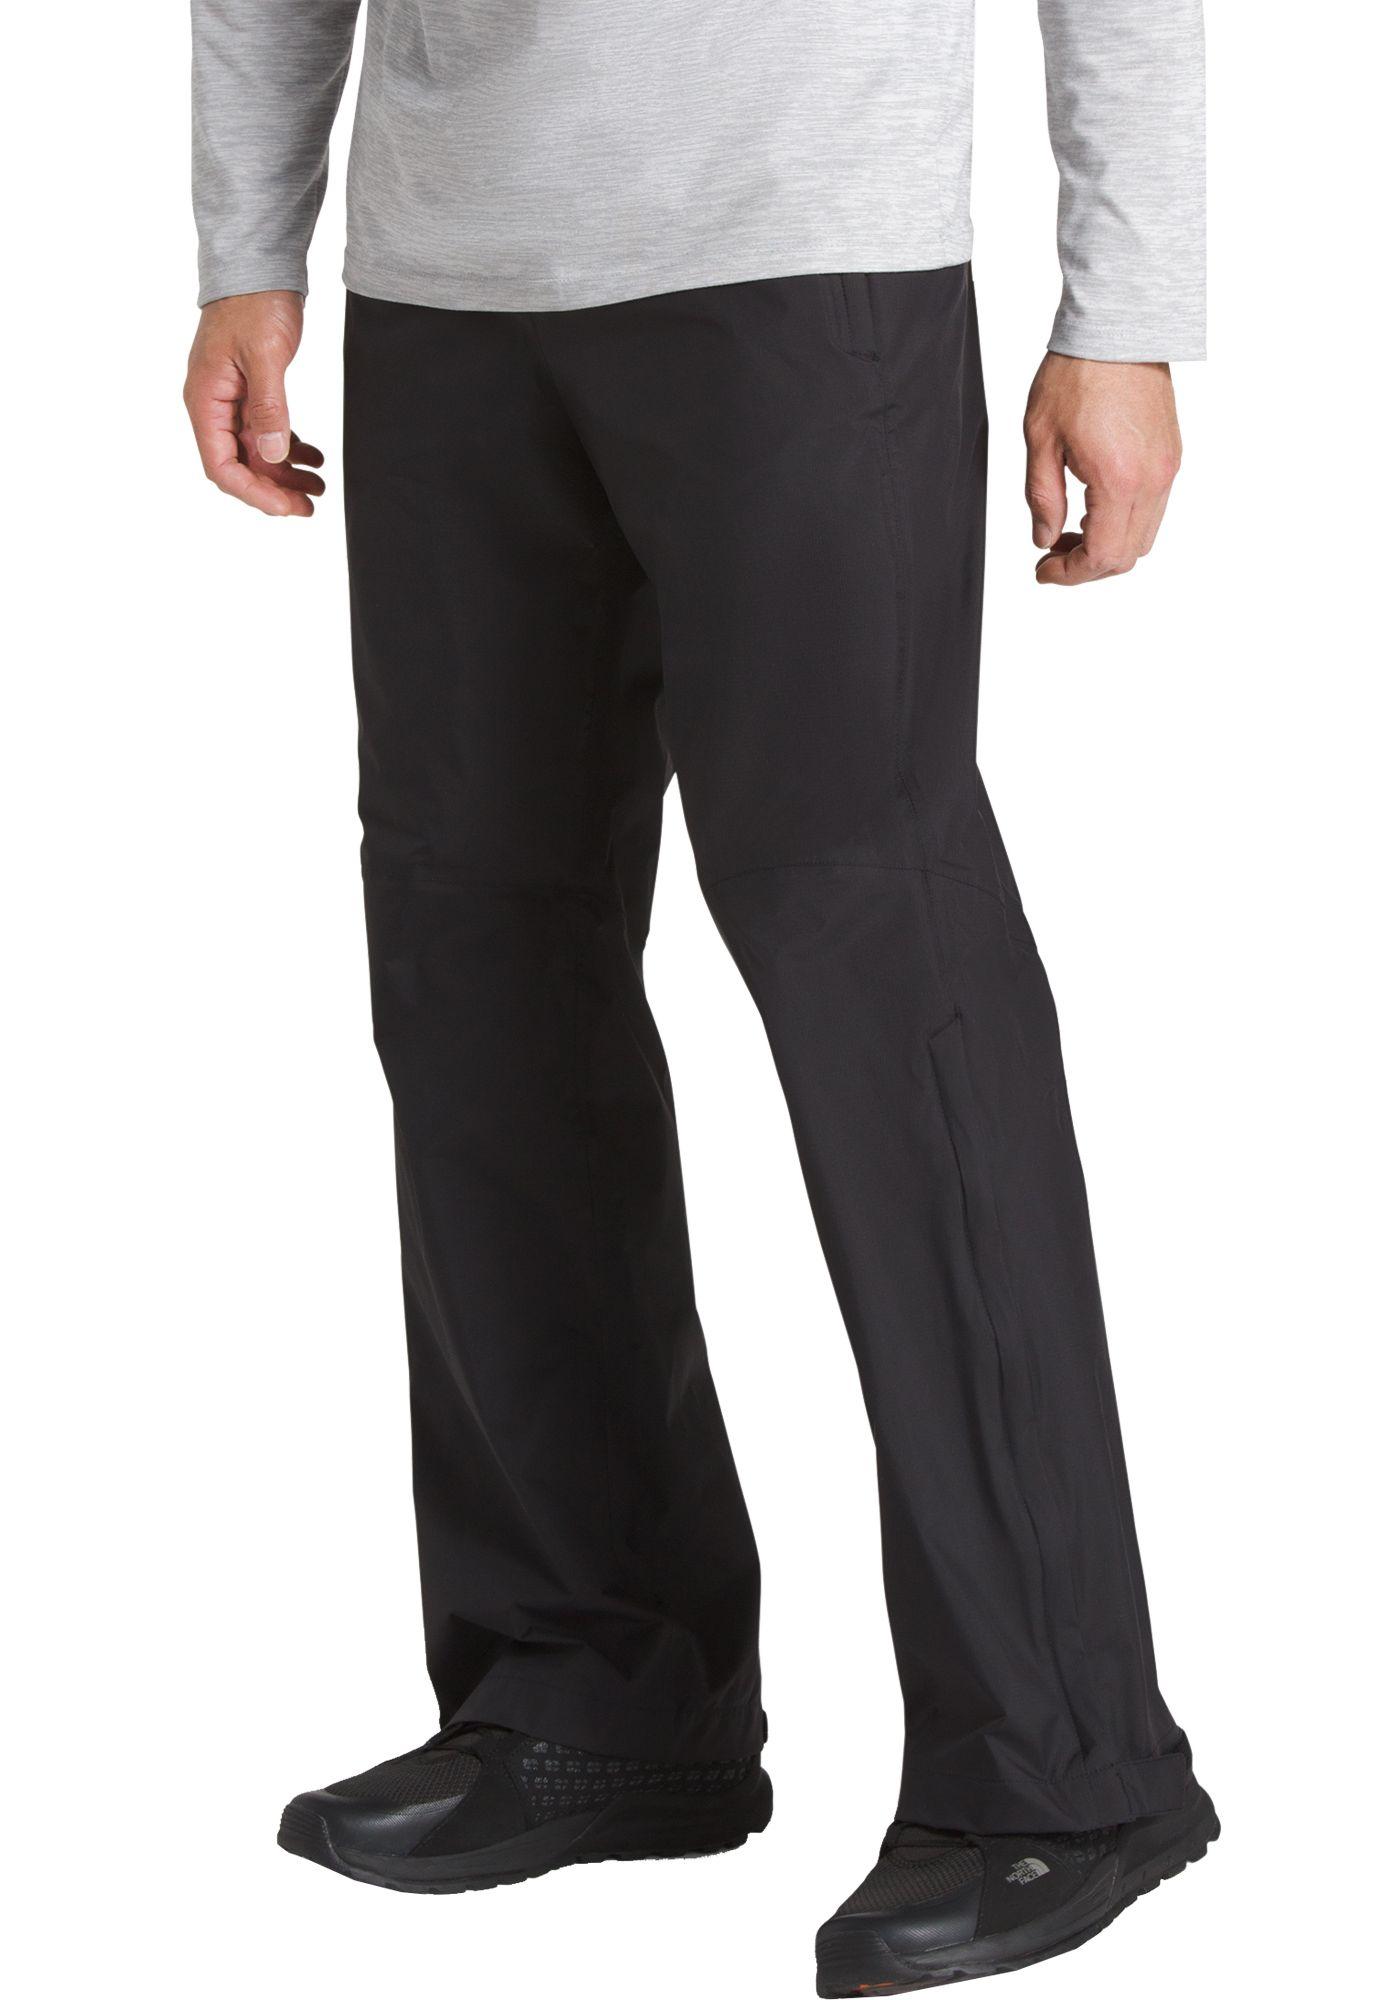 The North Face Men's Venture 2 Half Zip Pants